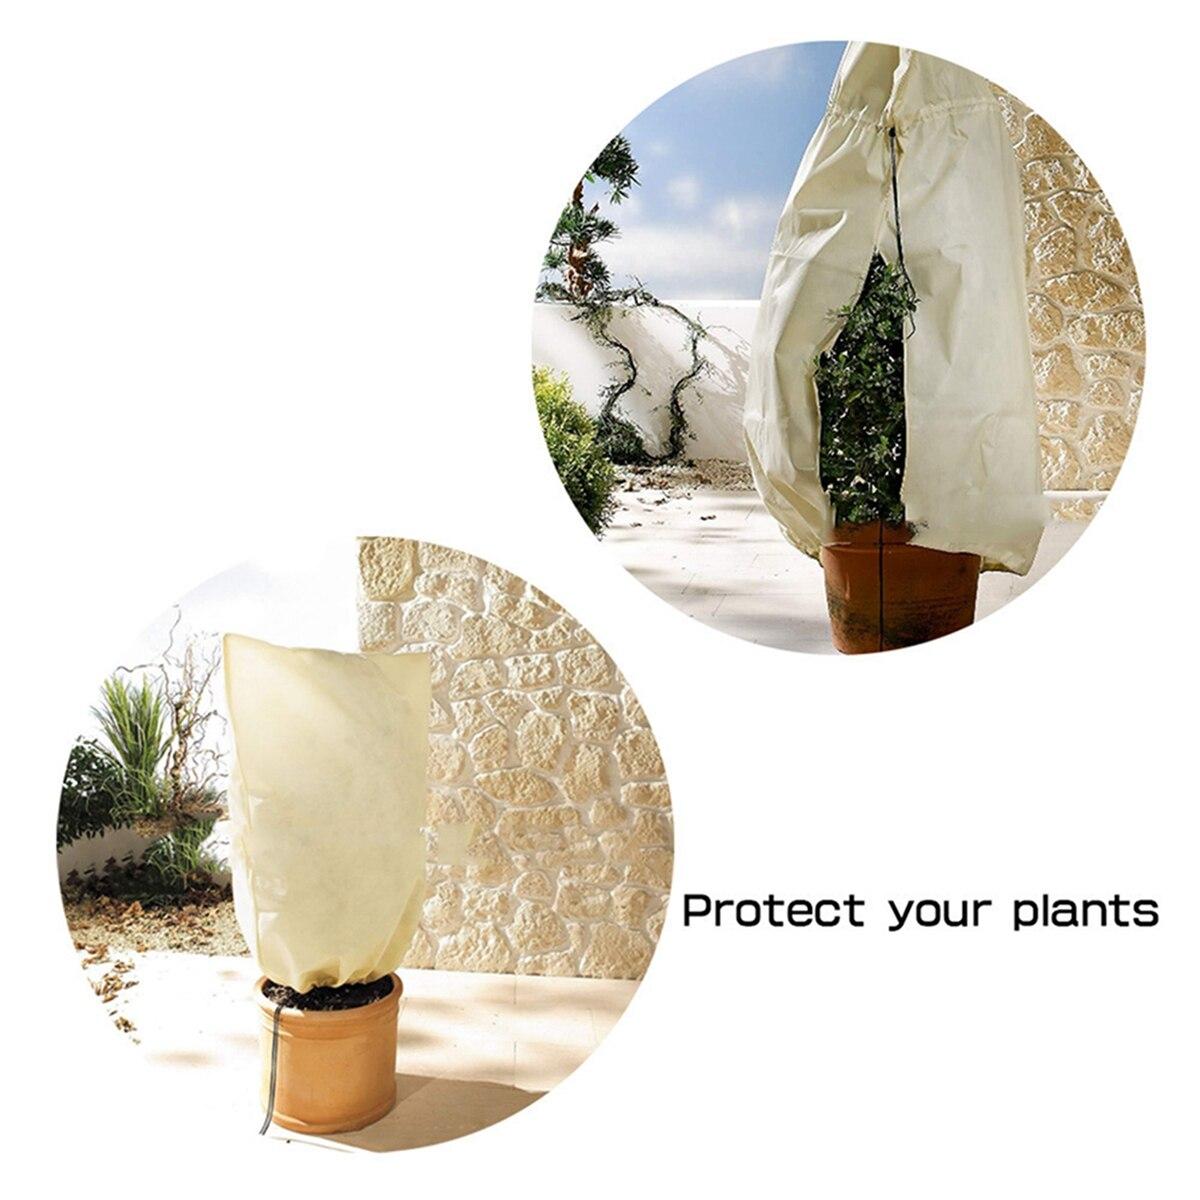 AA Растение Покрытия Заморозка Защита% 2C Холод Солнце Вредители и Растение Рост Сезон Защита